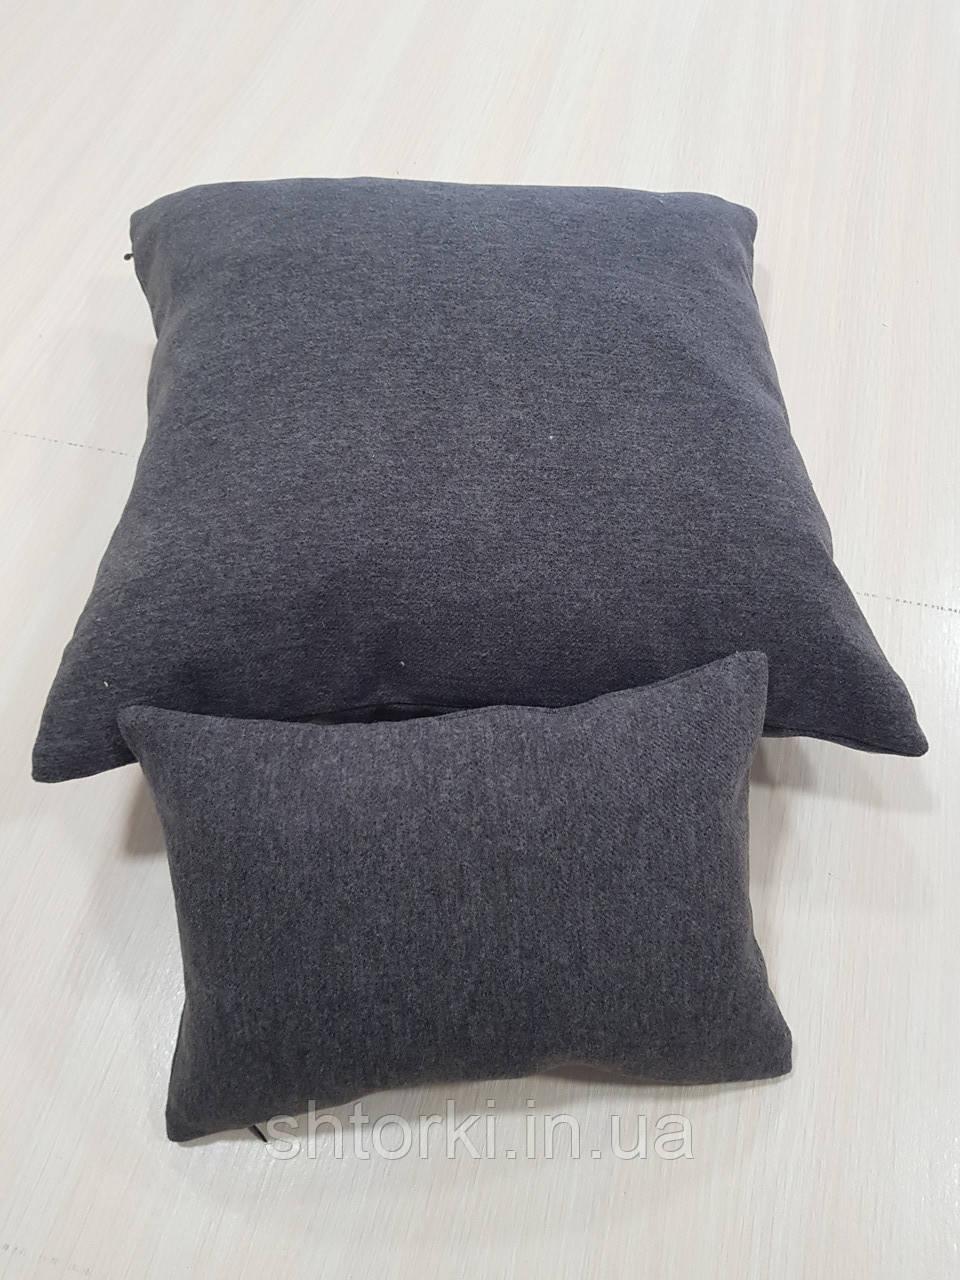 Комплект подушек темно серые войлок, 2шт